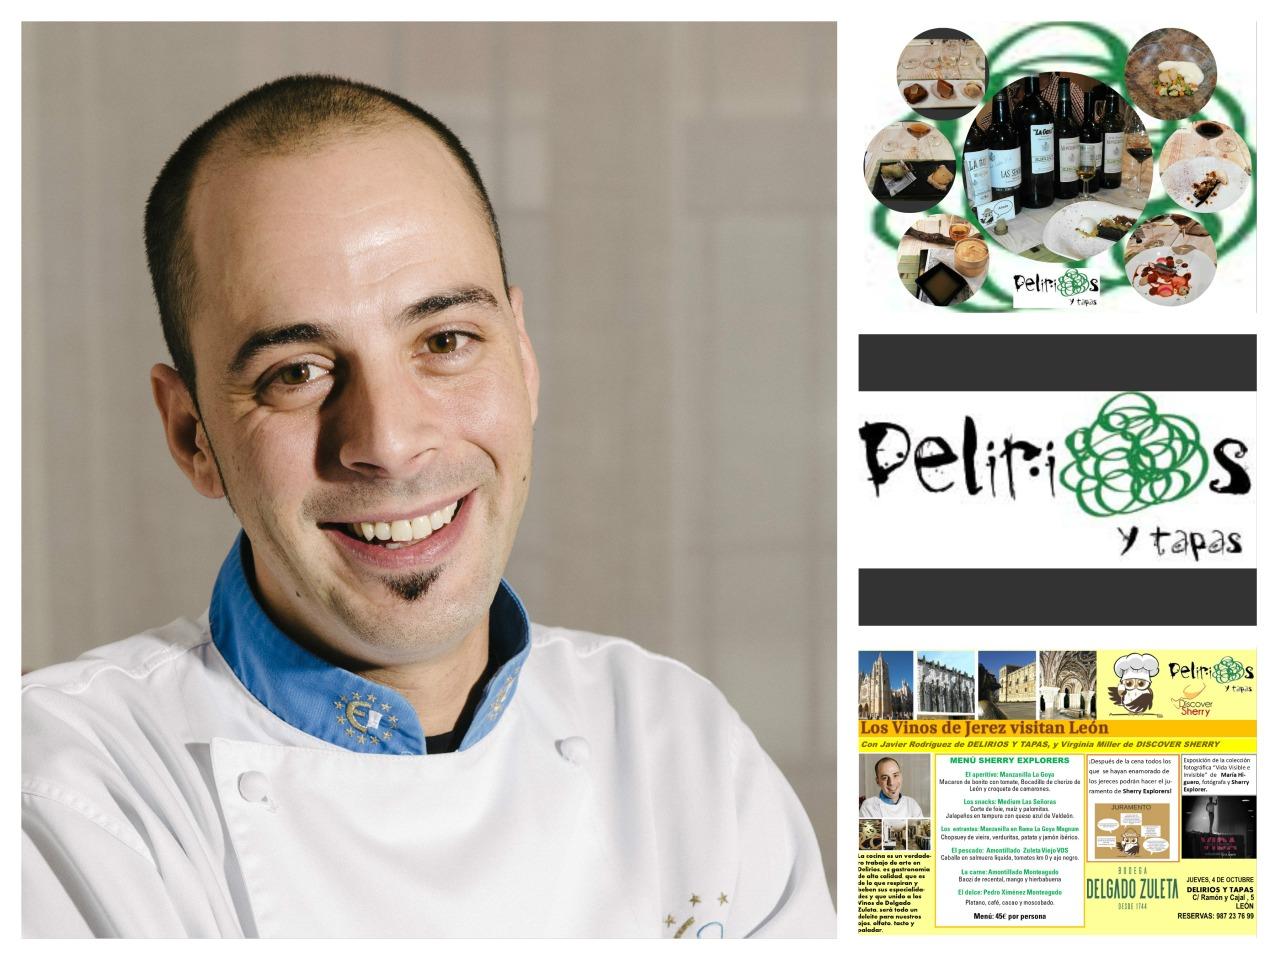 Nos visita el Chef Javier Rodriguez de DELIRIOS, León./We receive a visit from Javier Rodriguez, Chef at Delirios Restaurant inLeón.